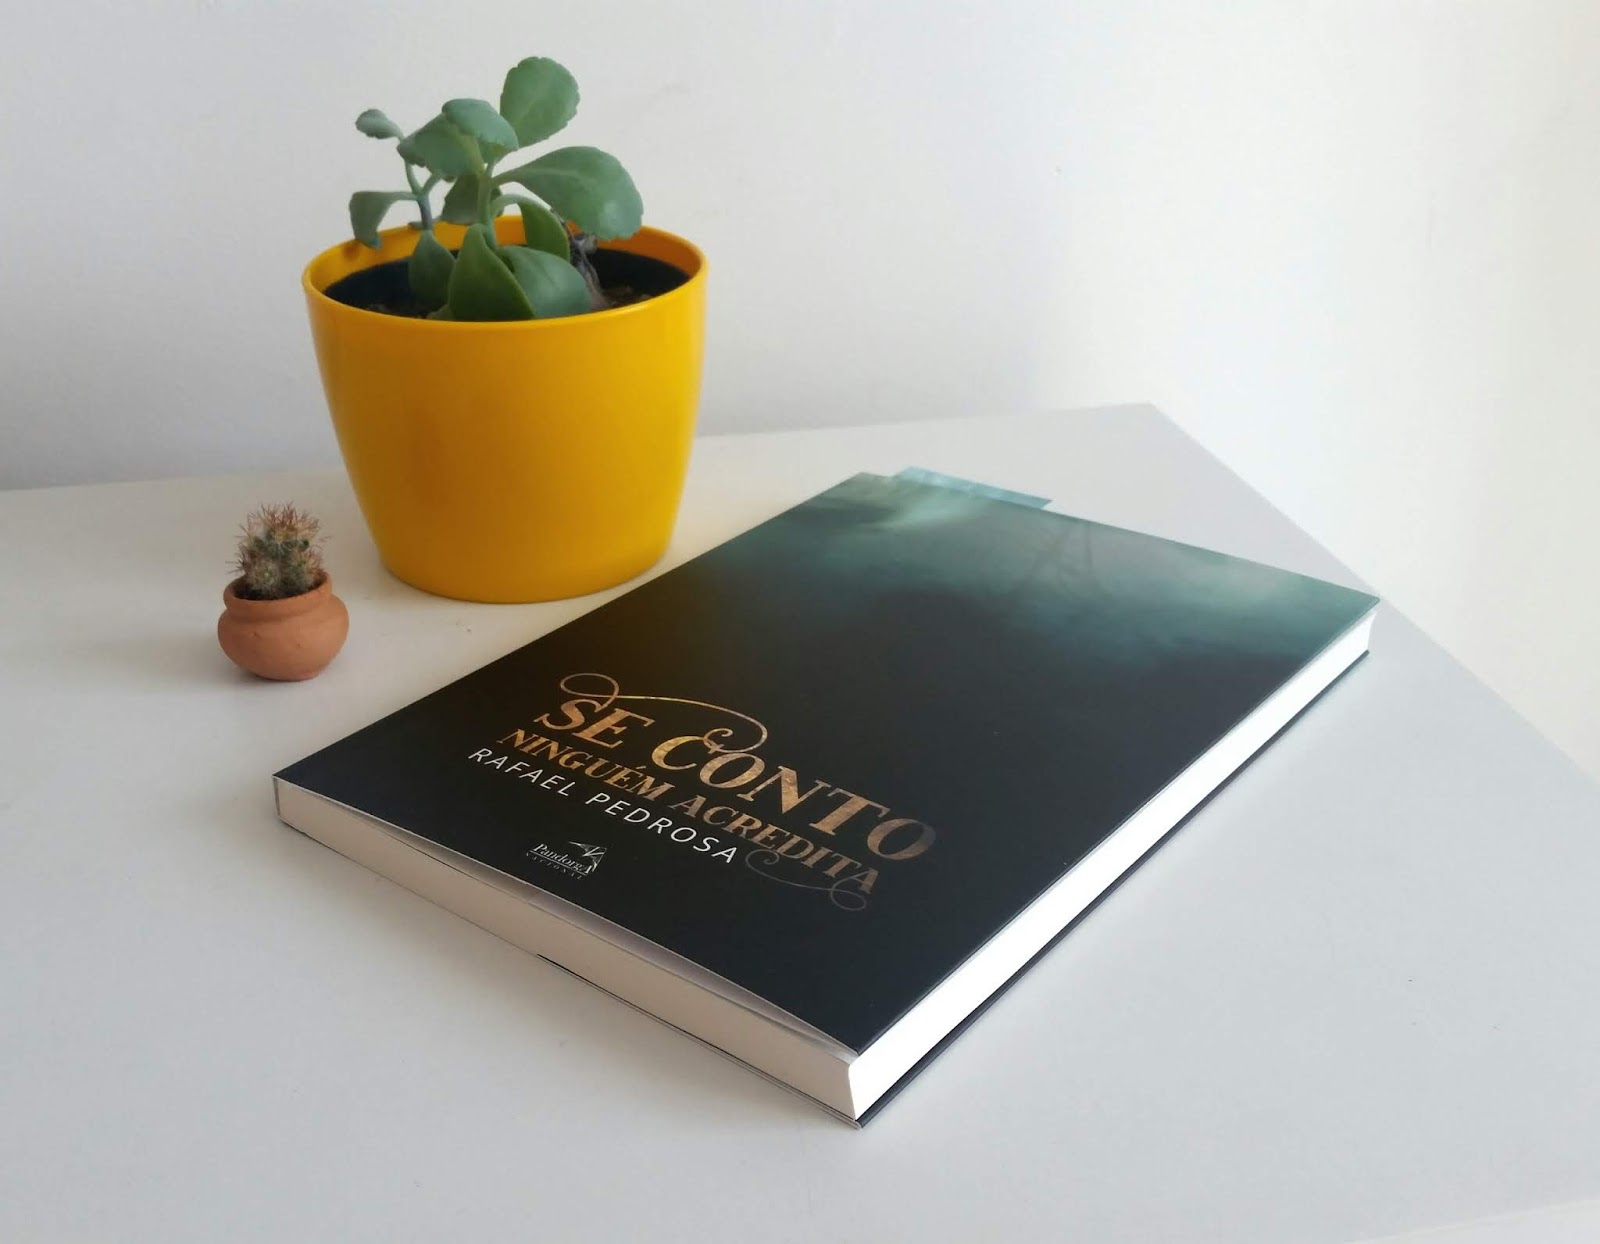 Rafael Pedrosa e o livro